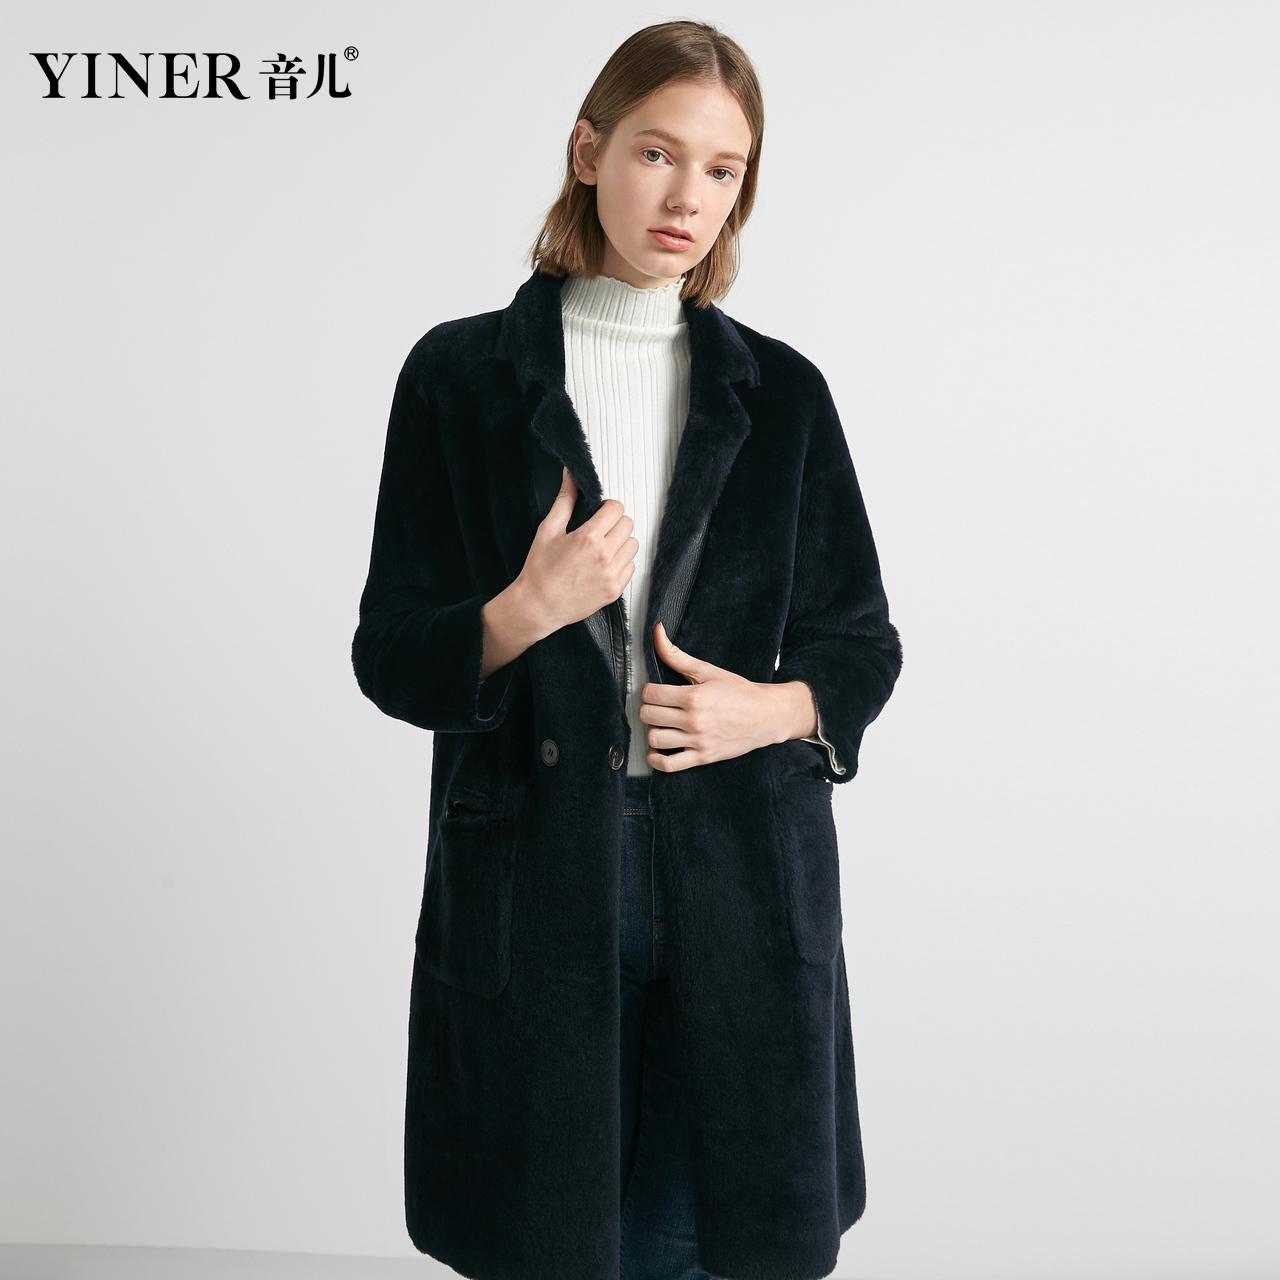 Cửa hàng Reverse-YINER Yiner 2019 mùa đông mới trước và sau mặc áo khoác lông cừu - Faux Fur